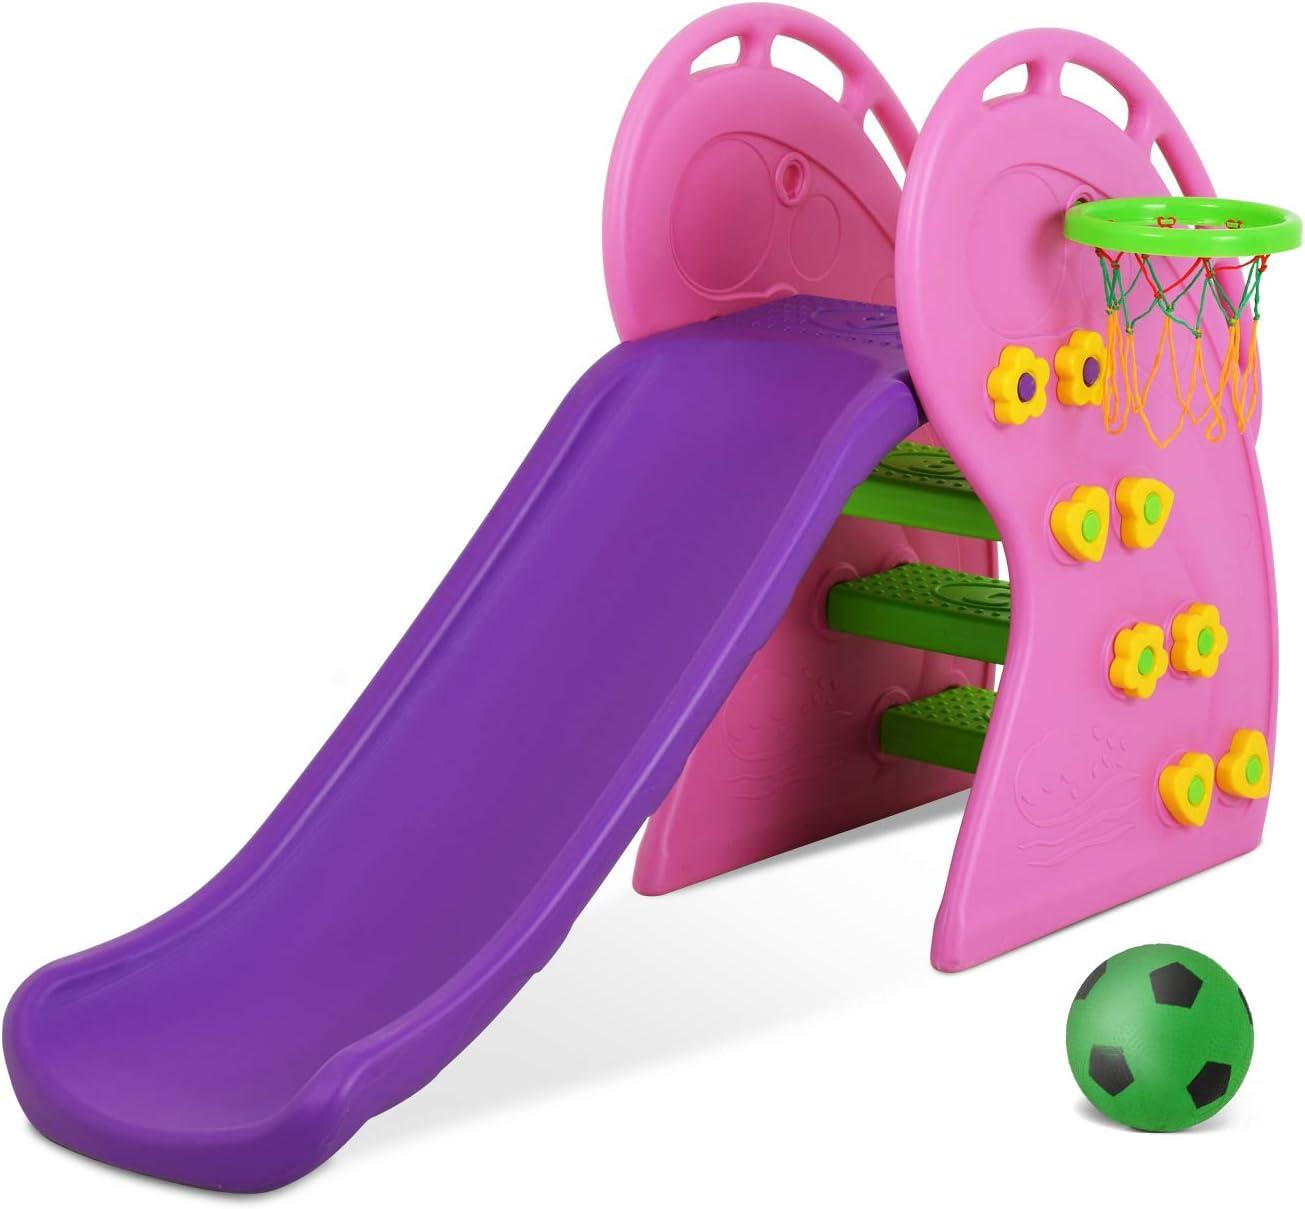 Uenjoy Kids Climber Slide Toddler Indoor and Outdoor Freestandin